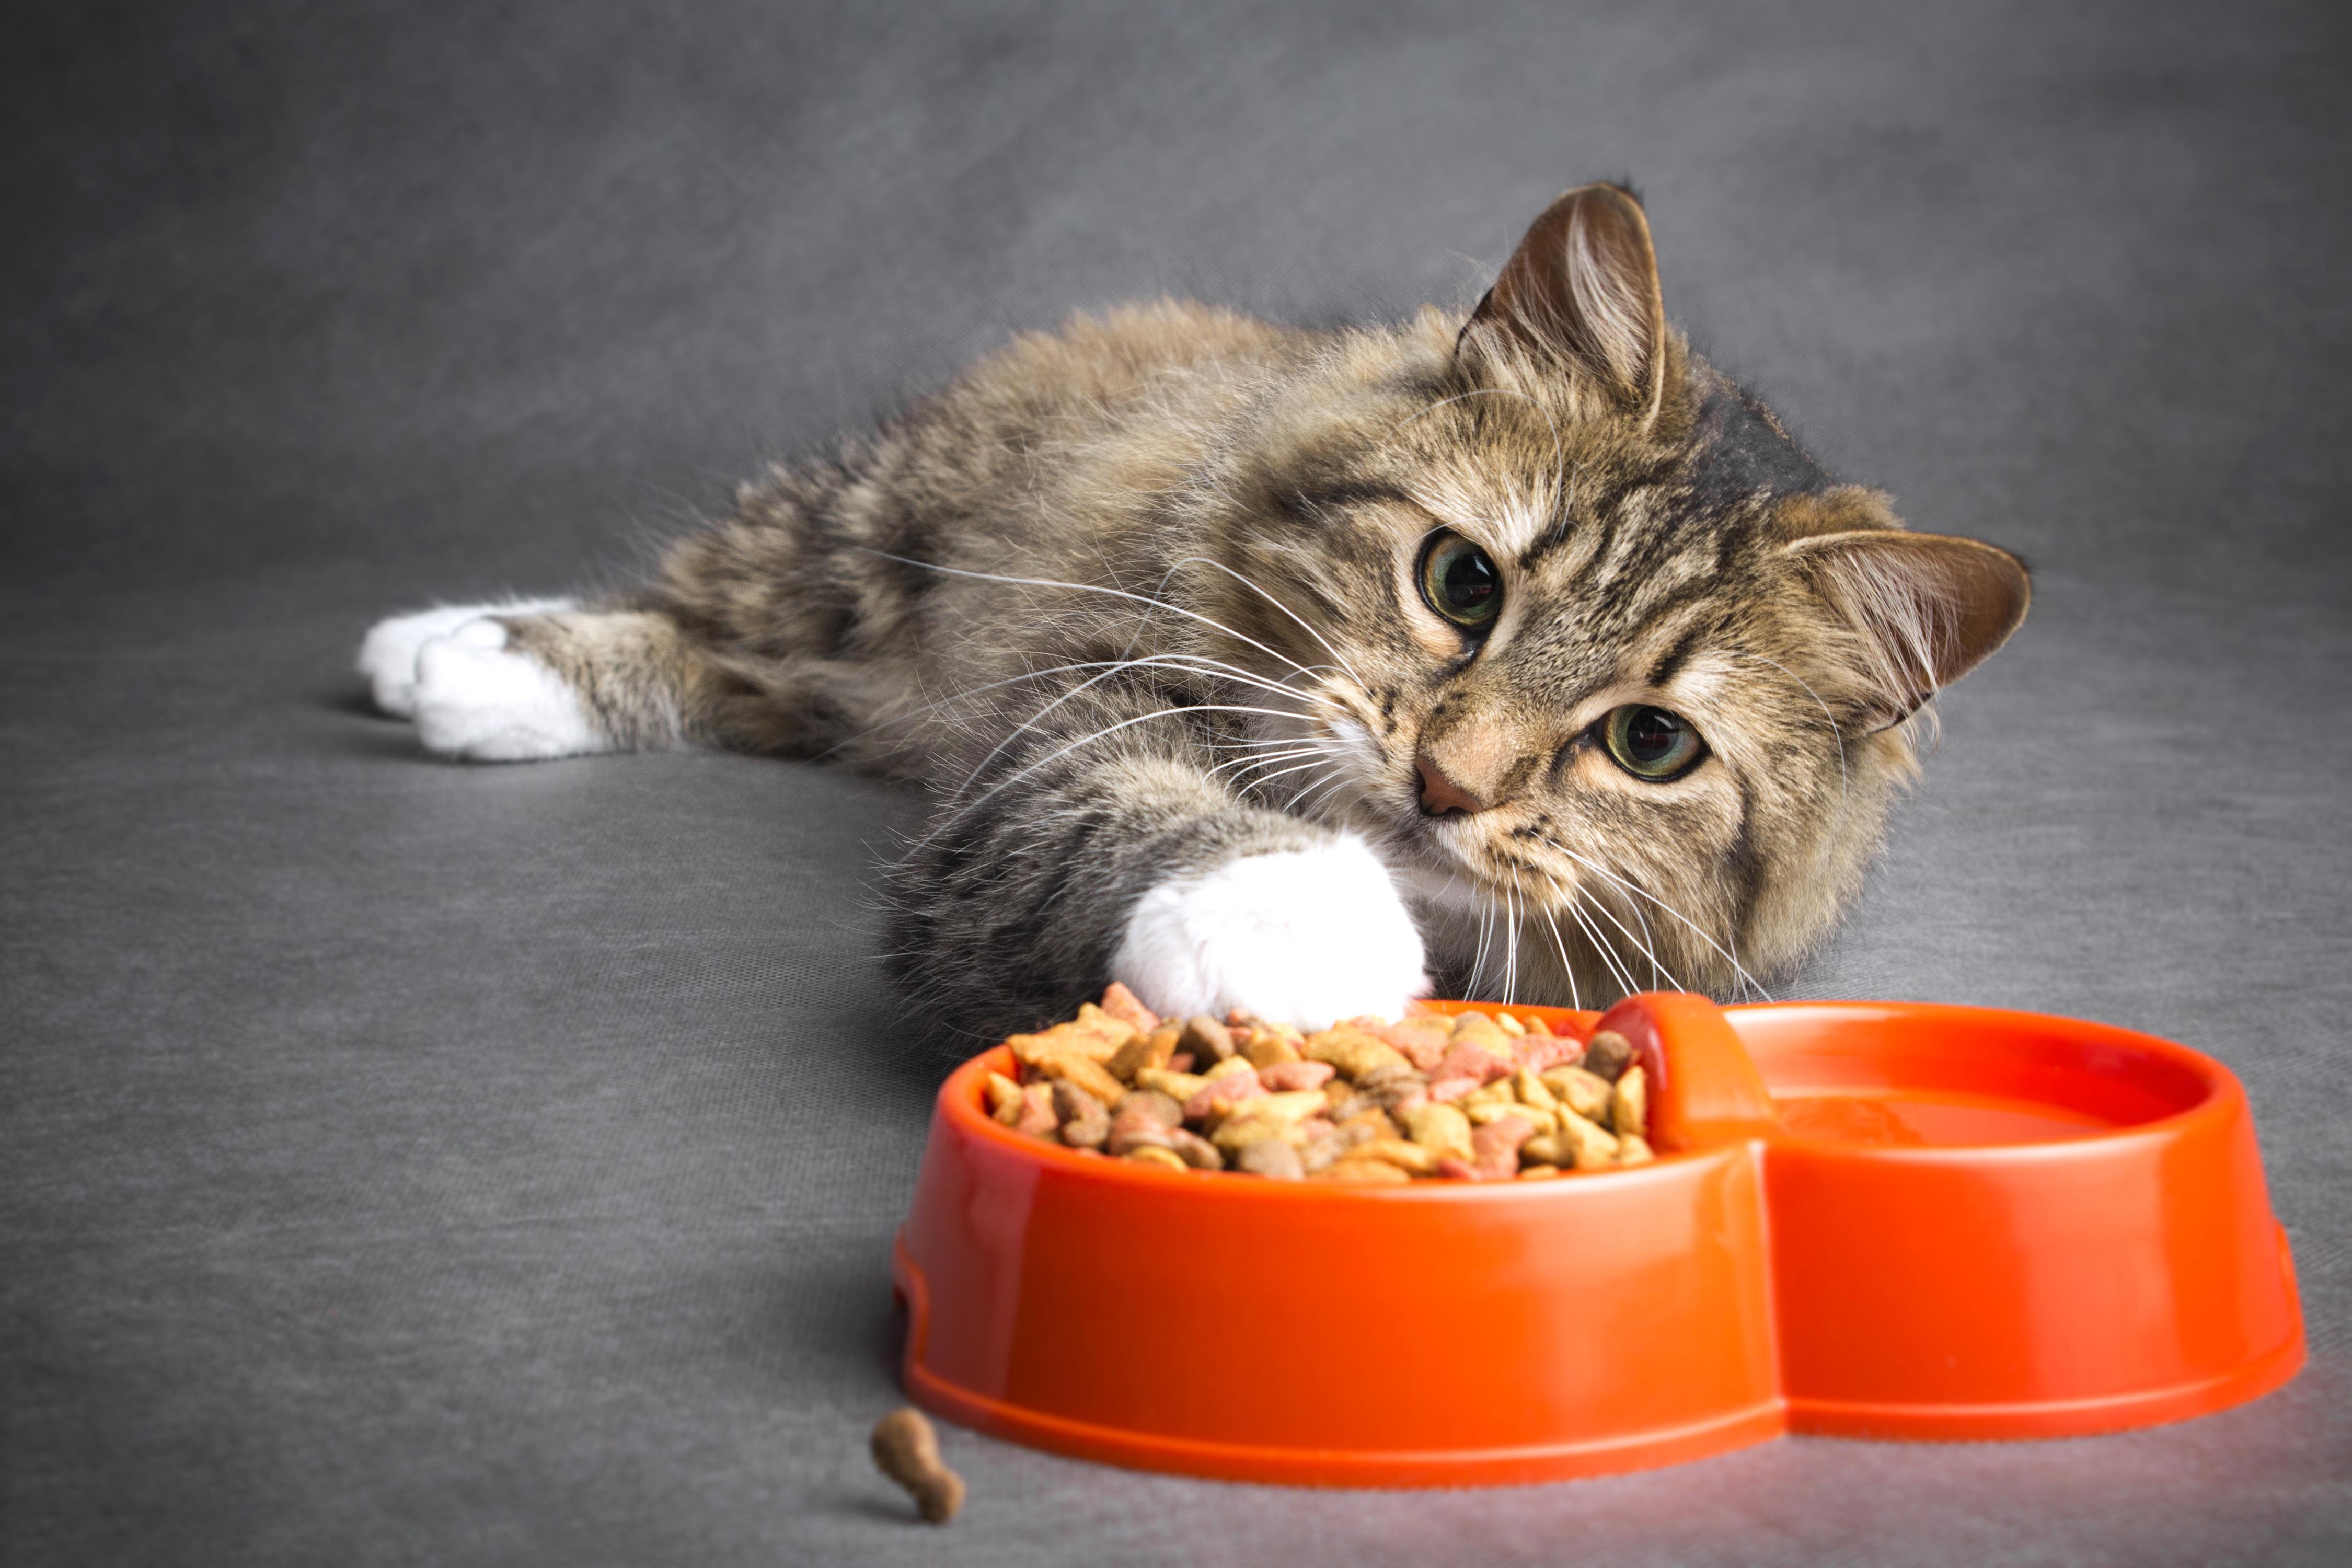 Кошка лежит рядом с кормом